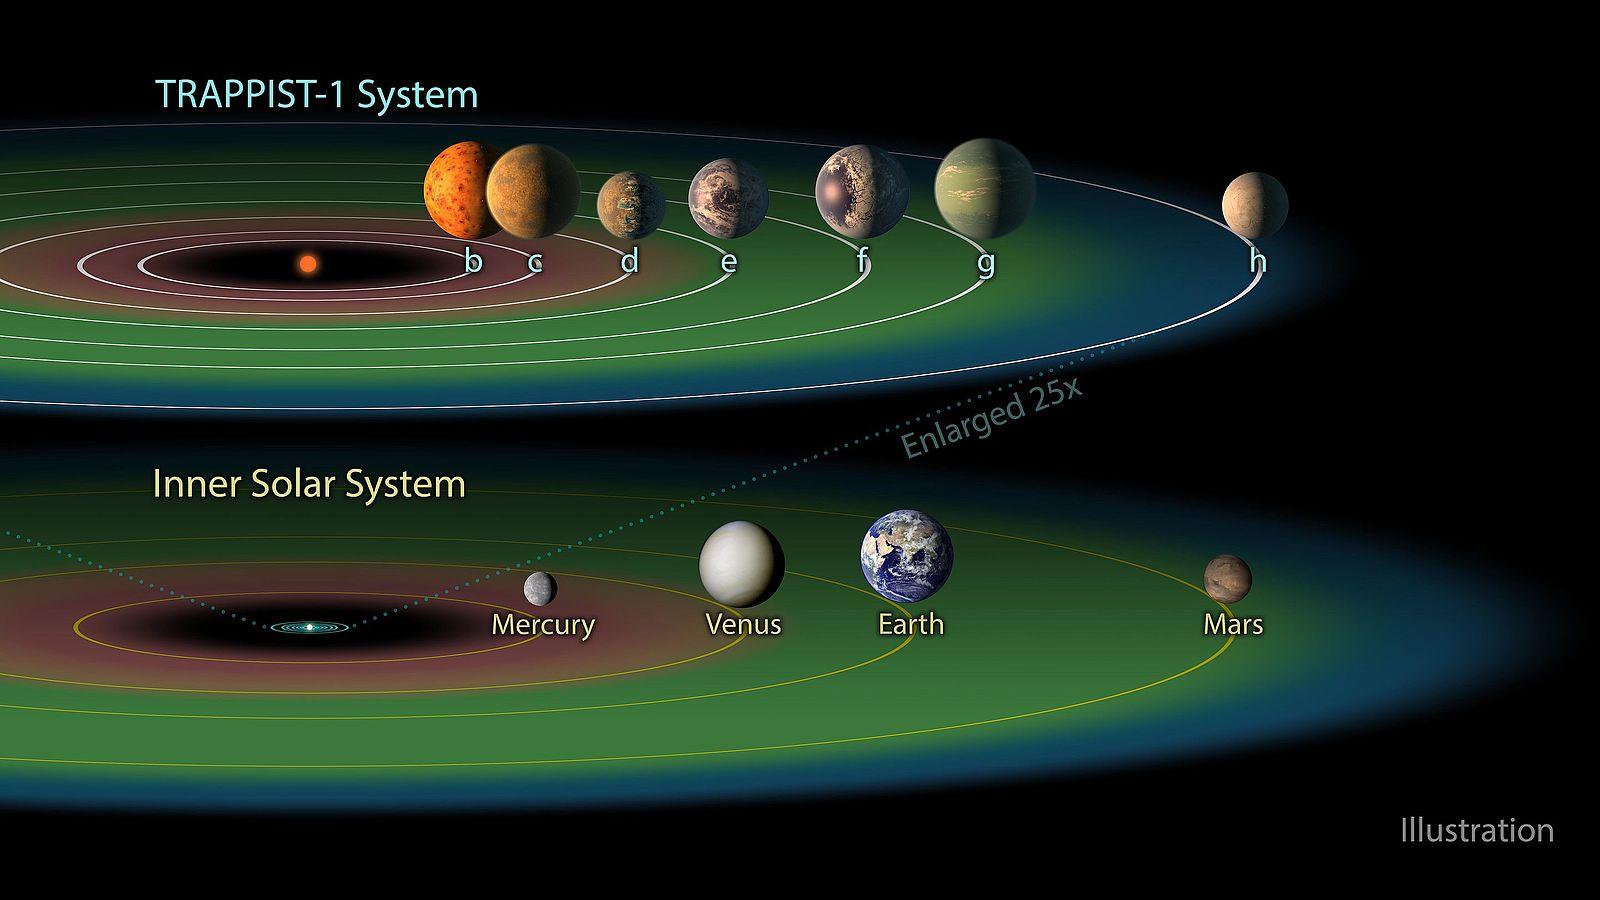 Обитаемая зона системы TRAPPIST-1 (выделена зелёным), в сравнении с аналогичной температурной зоной солнечной системы